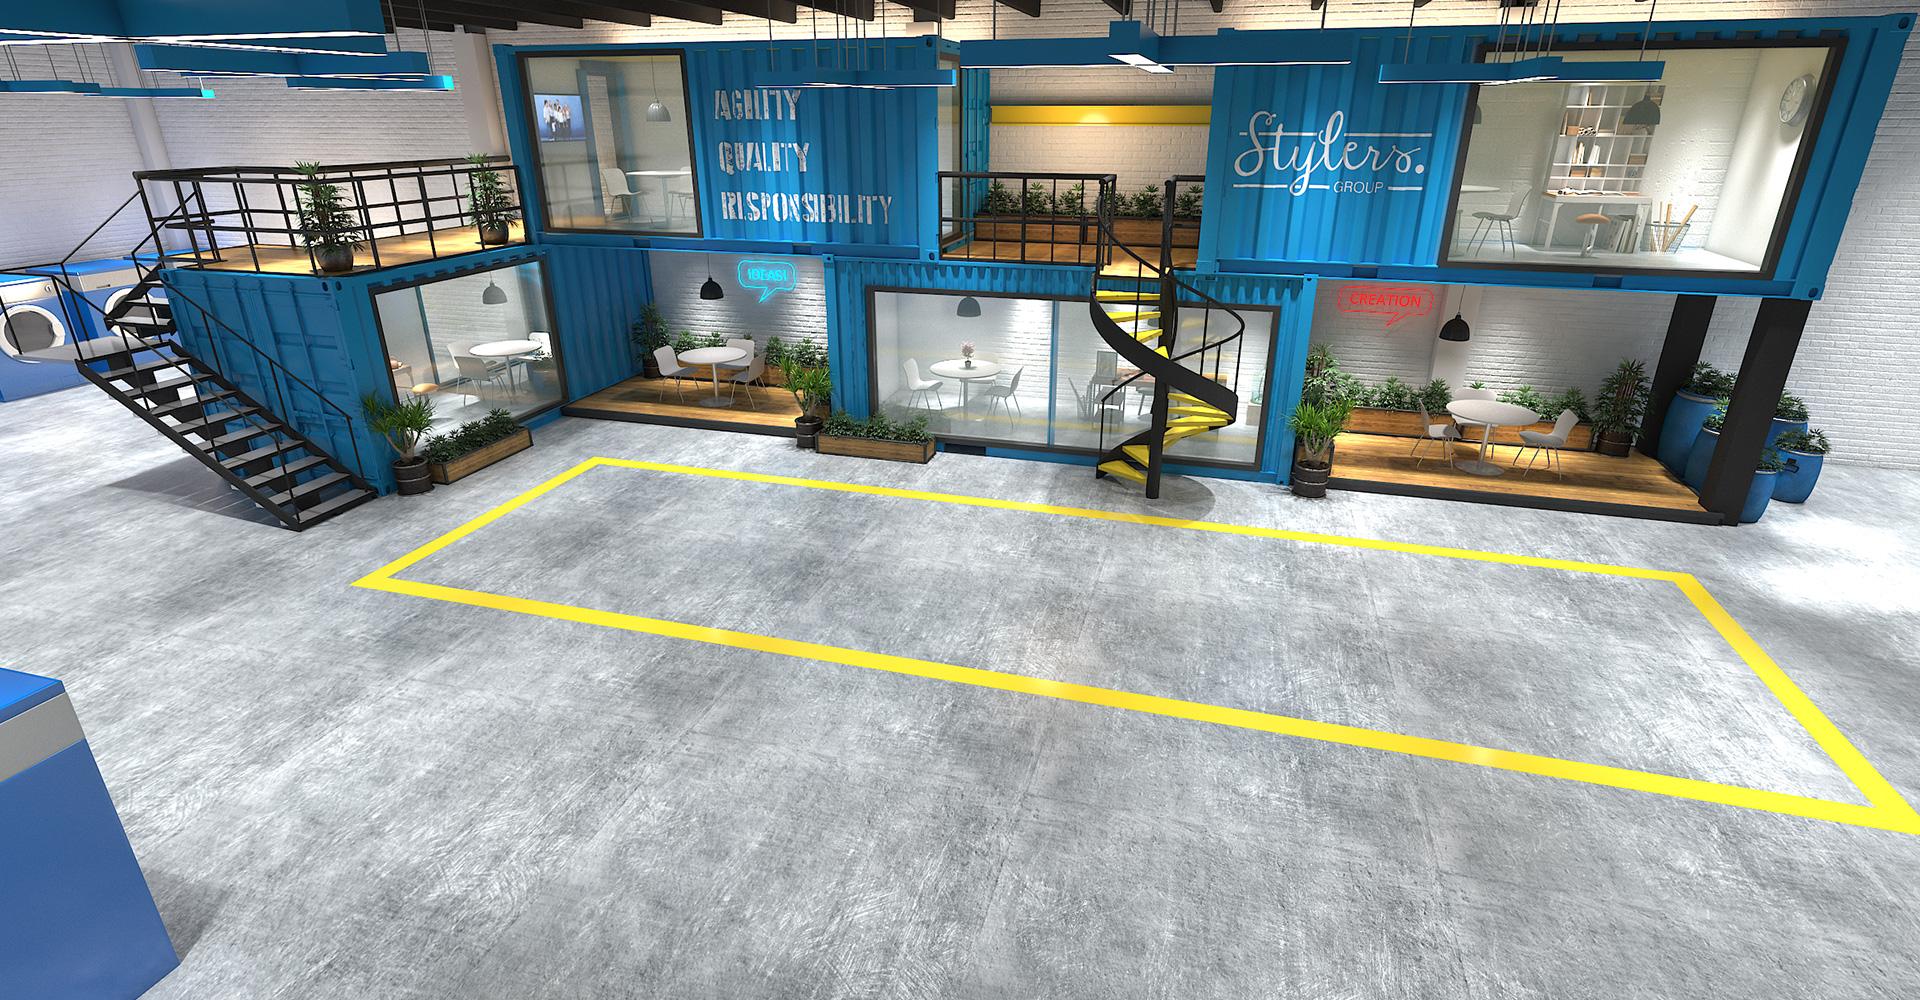 office-interior-design-Hiline-lahore-portfolio-stylers-pd-studio-08